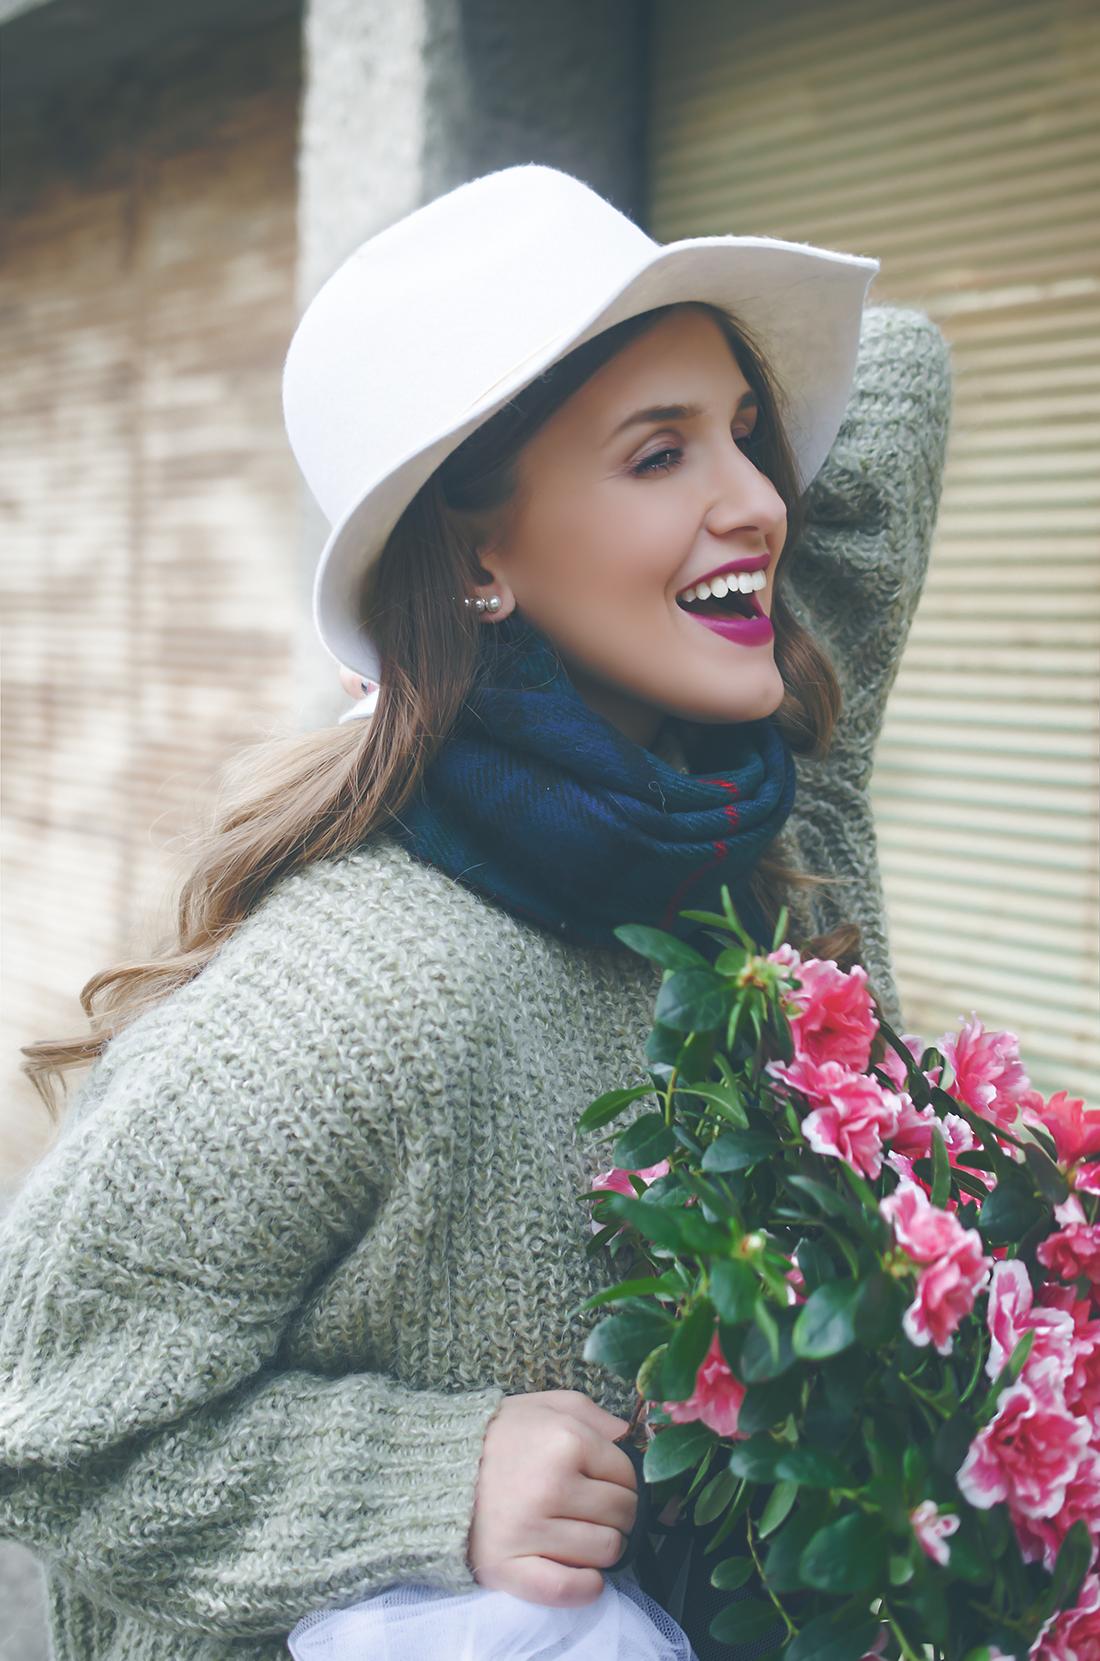 happy girl - fleur de mode - hristina micevska